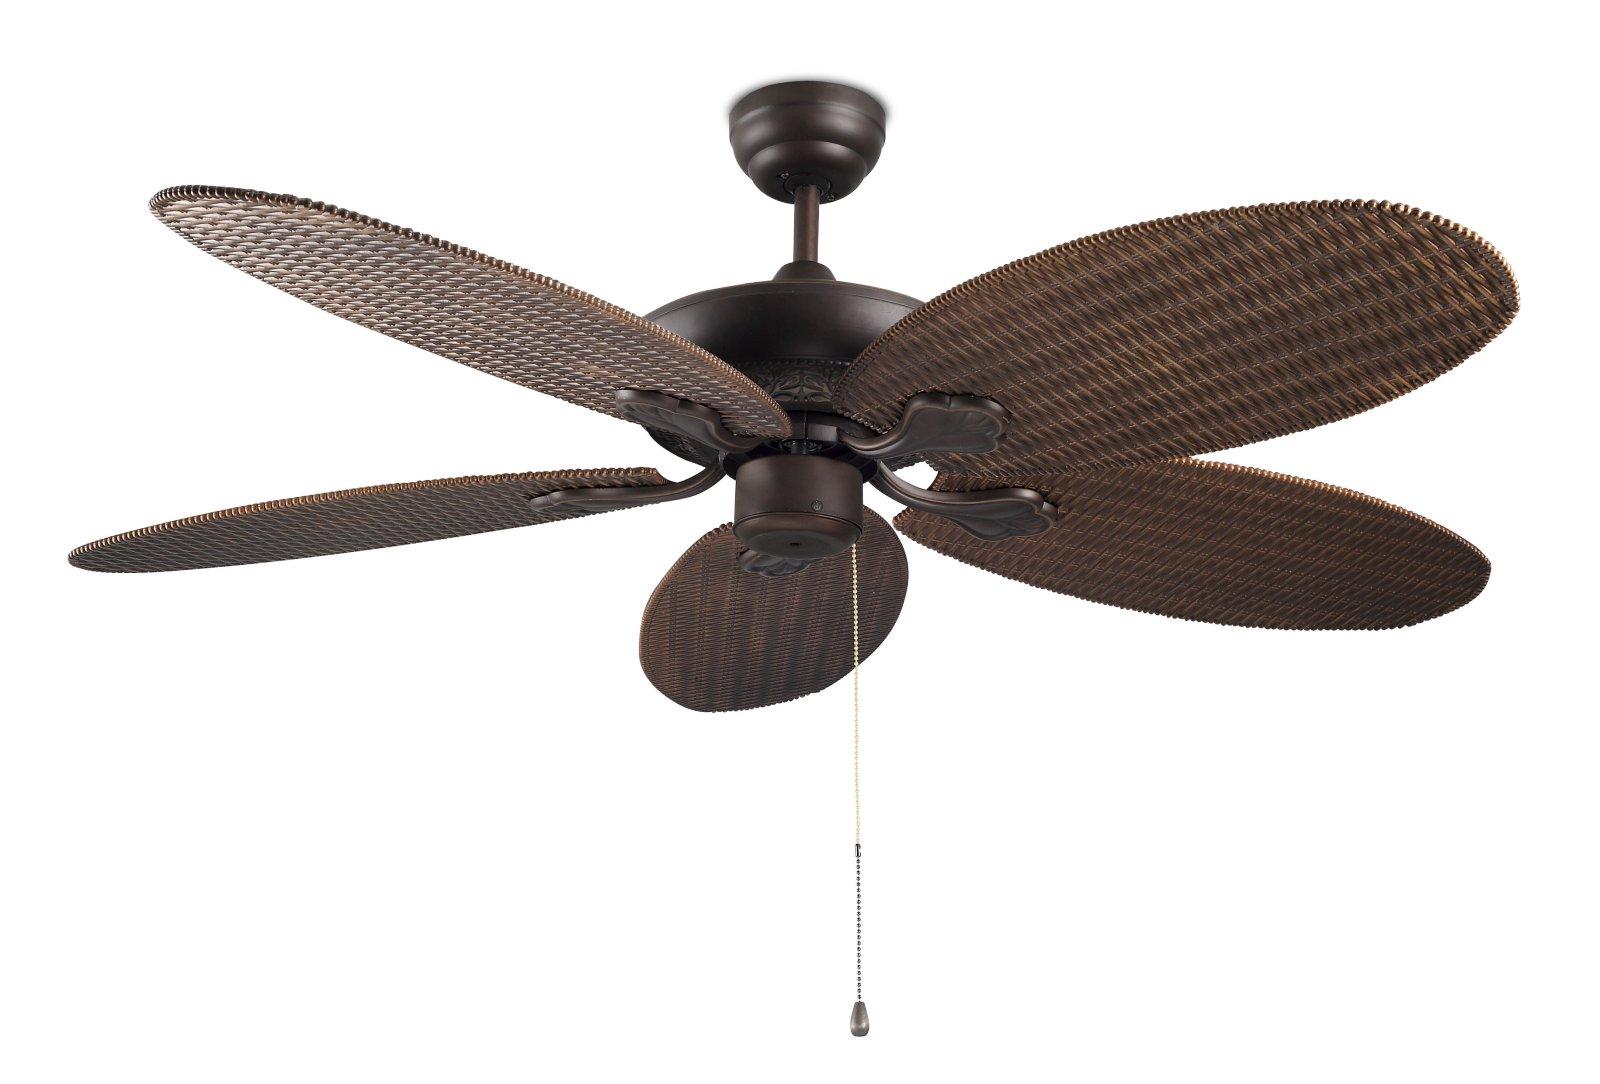 rattan ceiling fans photo - 6